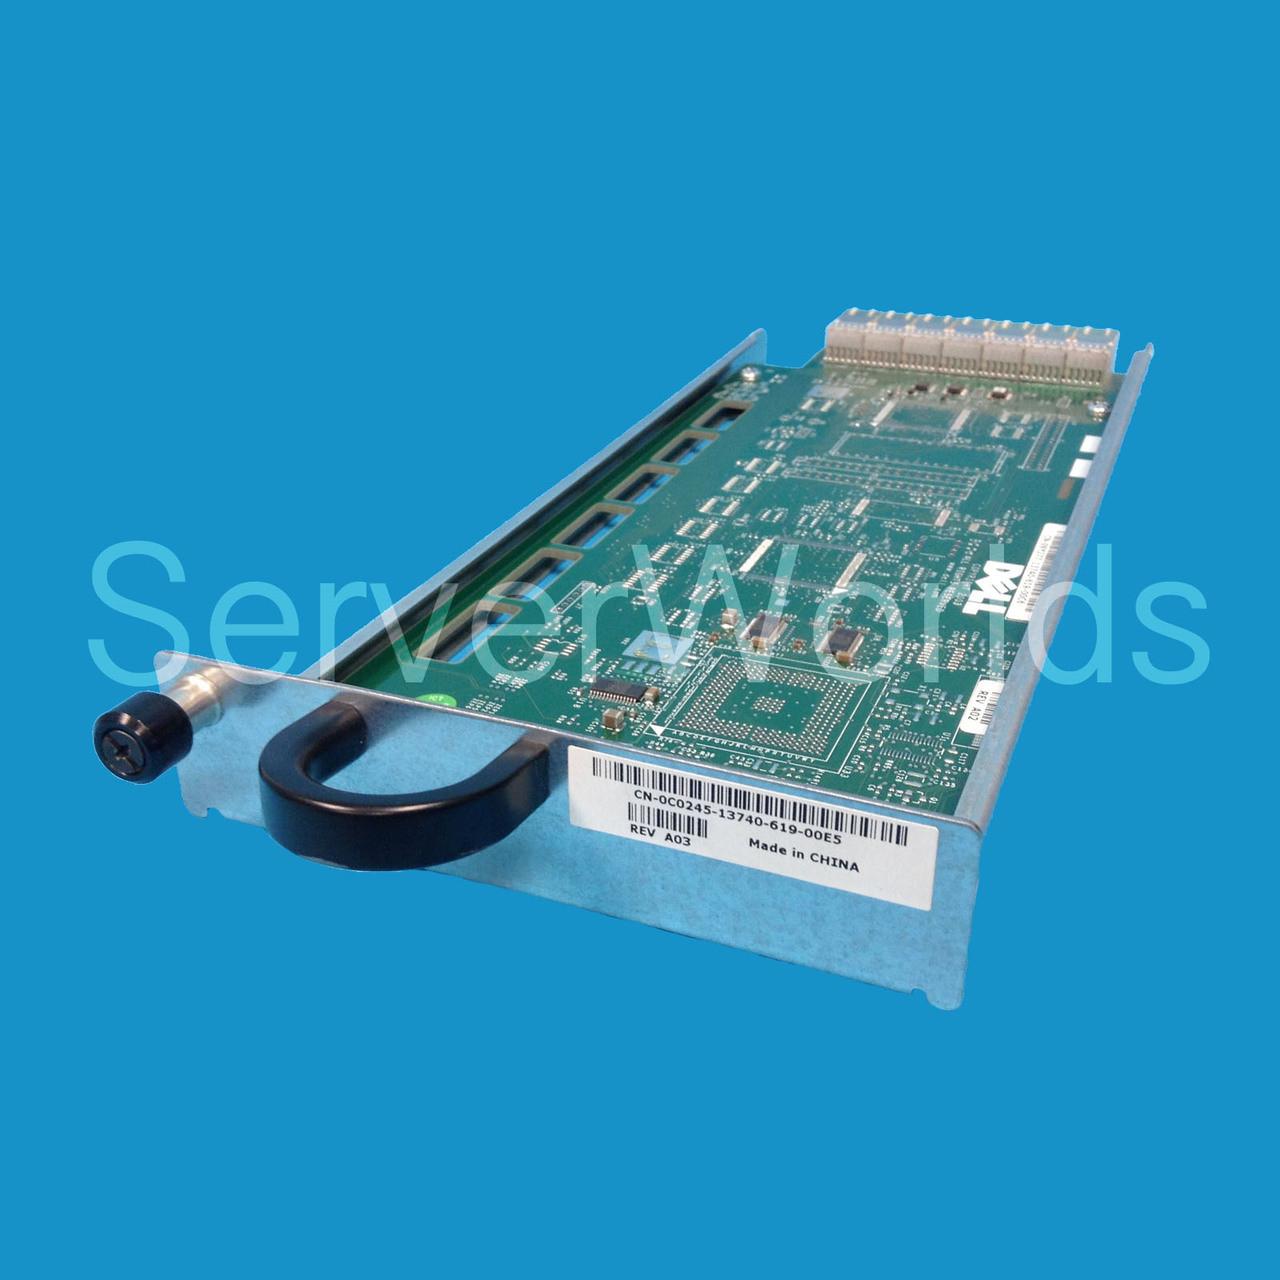 Dell C0245   Powervault 220S EMM Terminator Board   9Y277 - Serverworlds